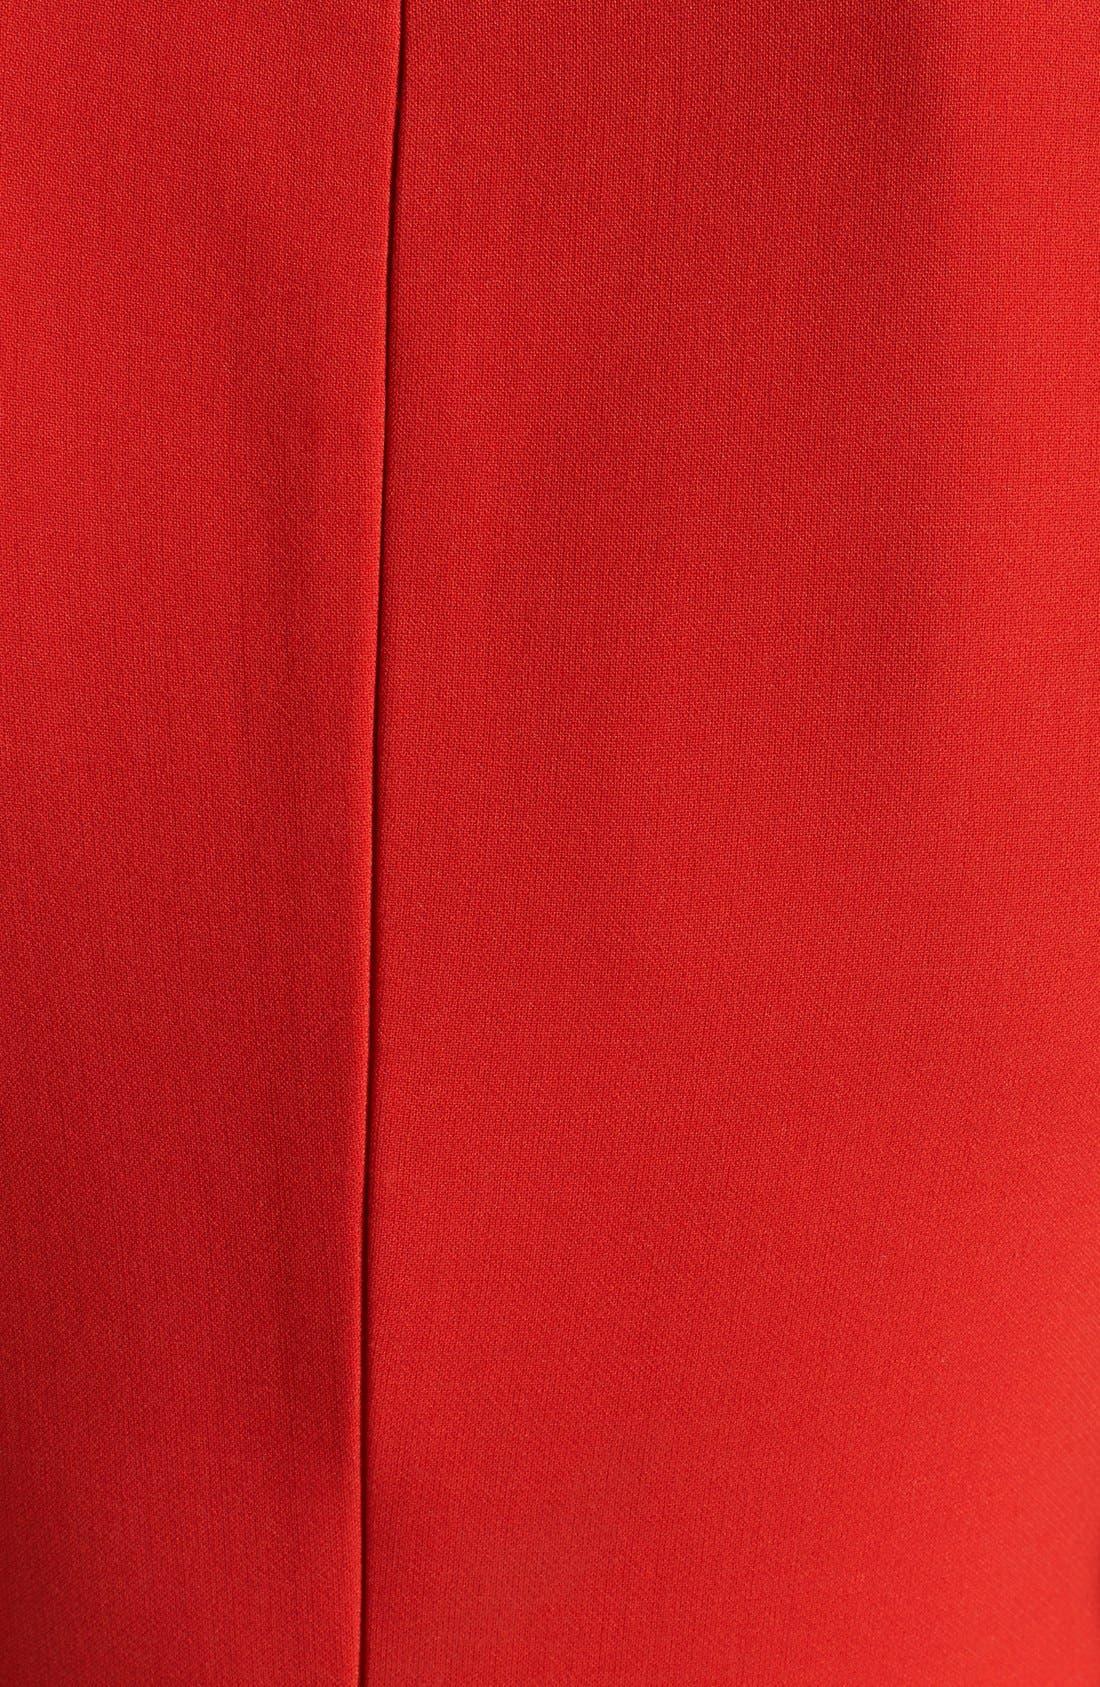 Alternate Image 3  - Diane von Furstenberg 'Jeannie' Stretch Fit & Flare Dress